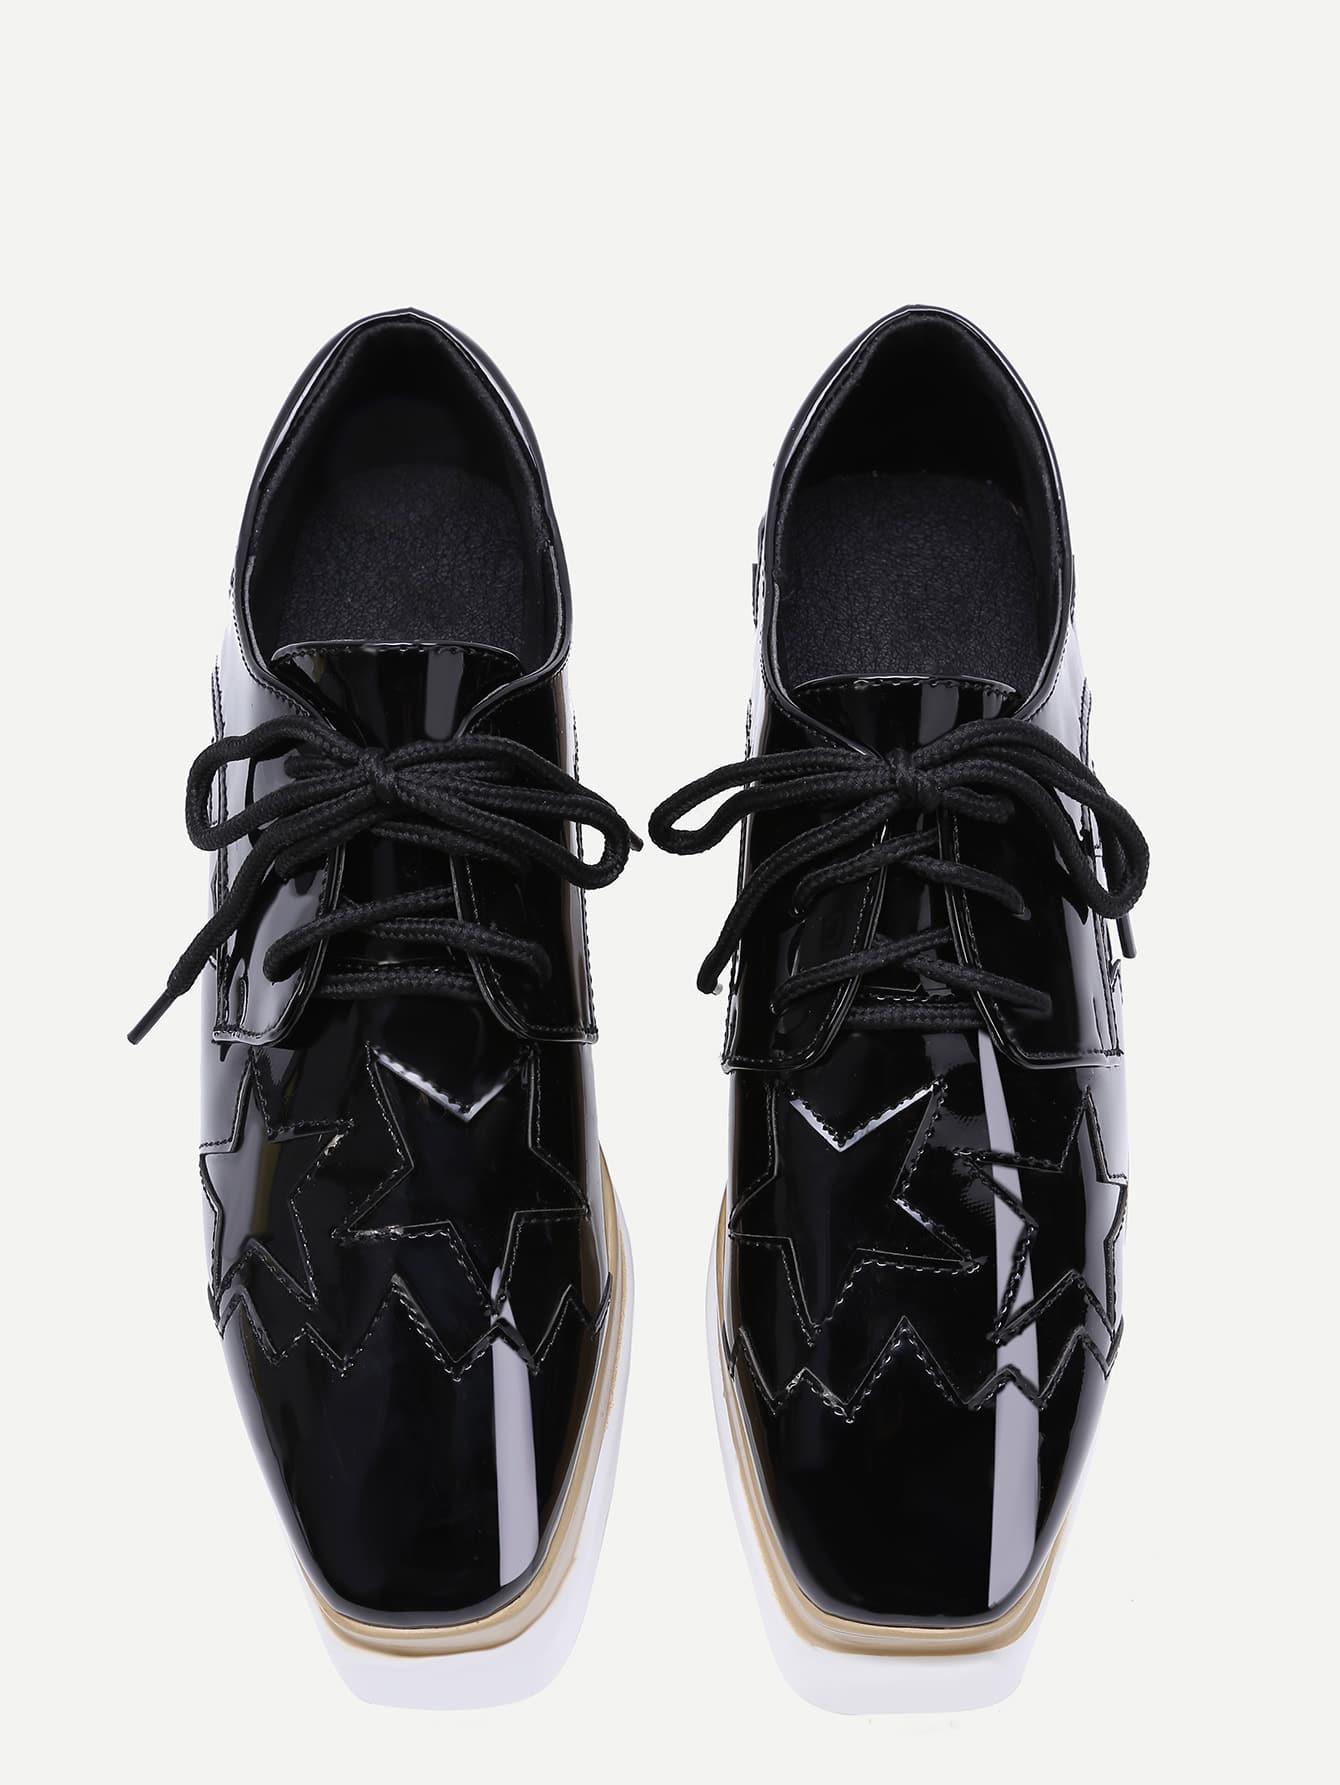 shoes170102801_2